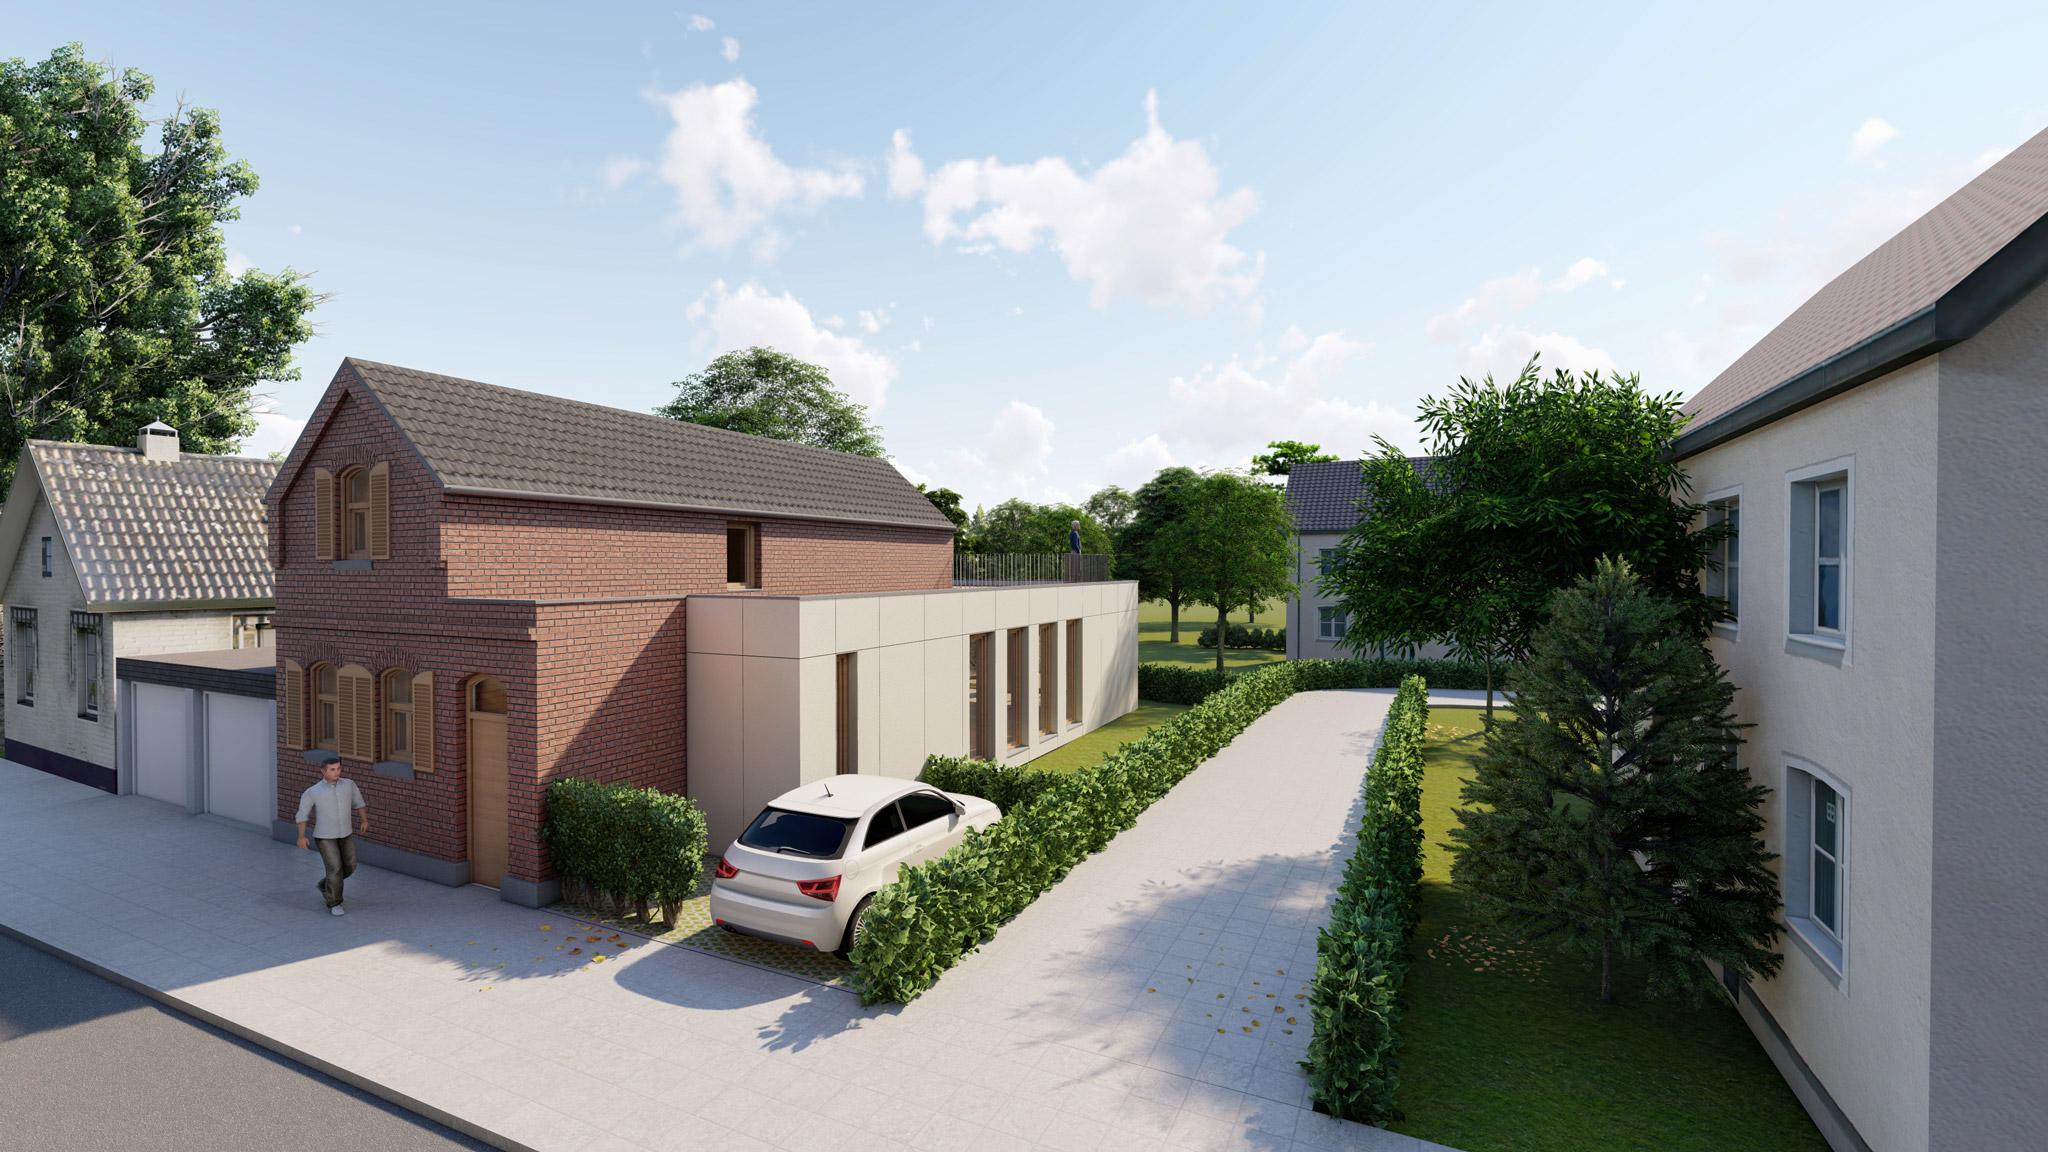 Erweiterung und Sanierung eines Einfamilienhauses